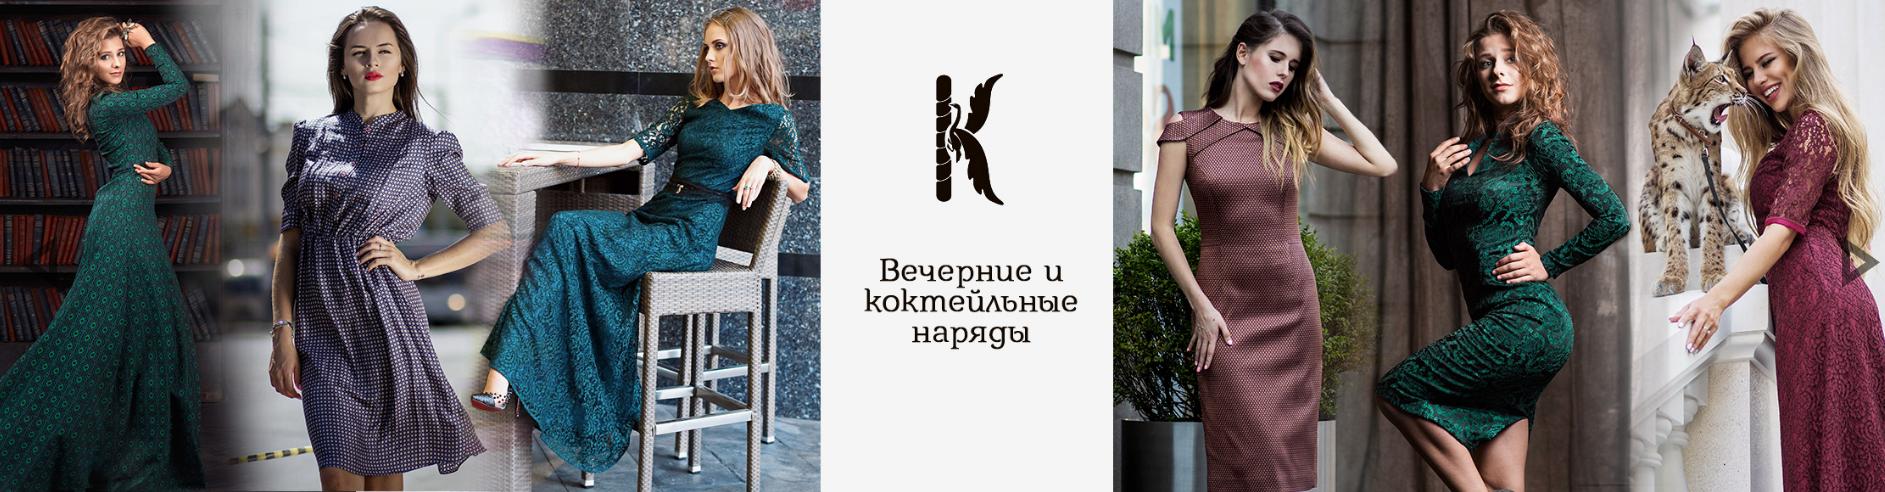 Дизайнерская одежда практически по себестоимости! Новая умопомрачительная коллекция! Роскошная одежда для успешных женщин! Выкуп-3.